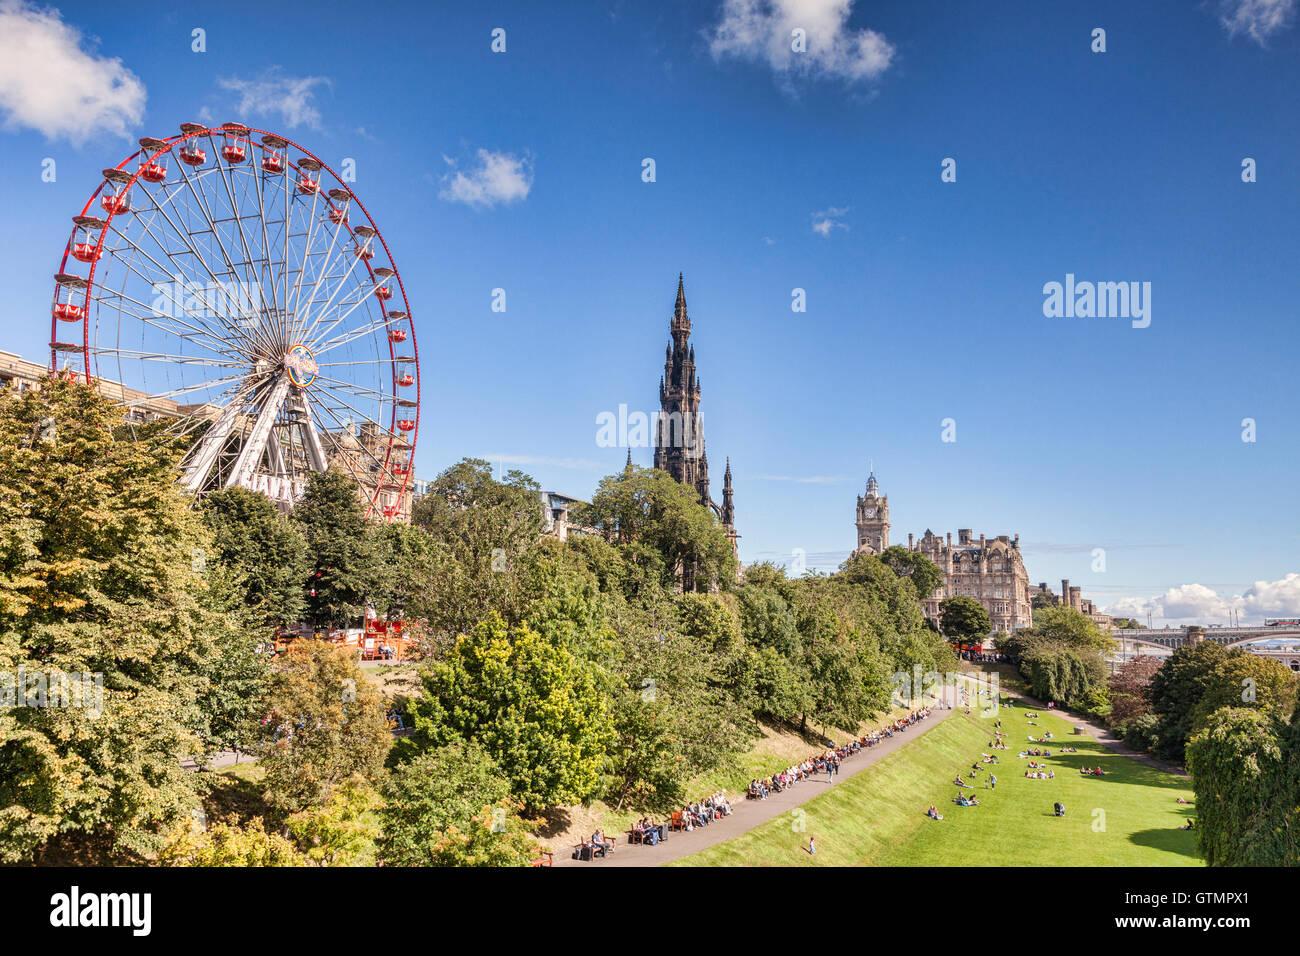 Vue de l'Est de Princes Street Gardens, Édimbourg, à la fin de l'été, avec le Festival Photo Stock